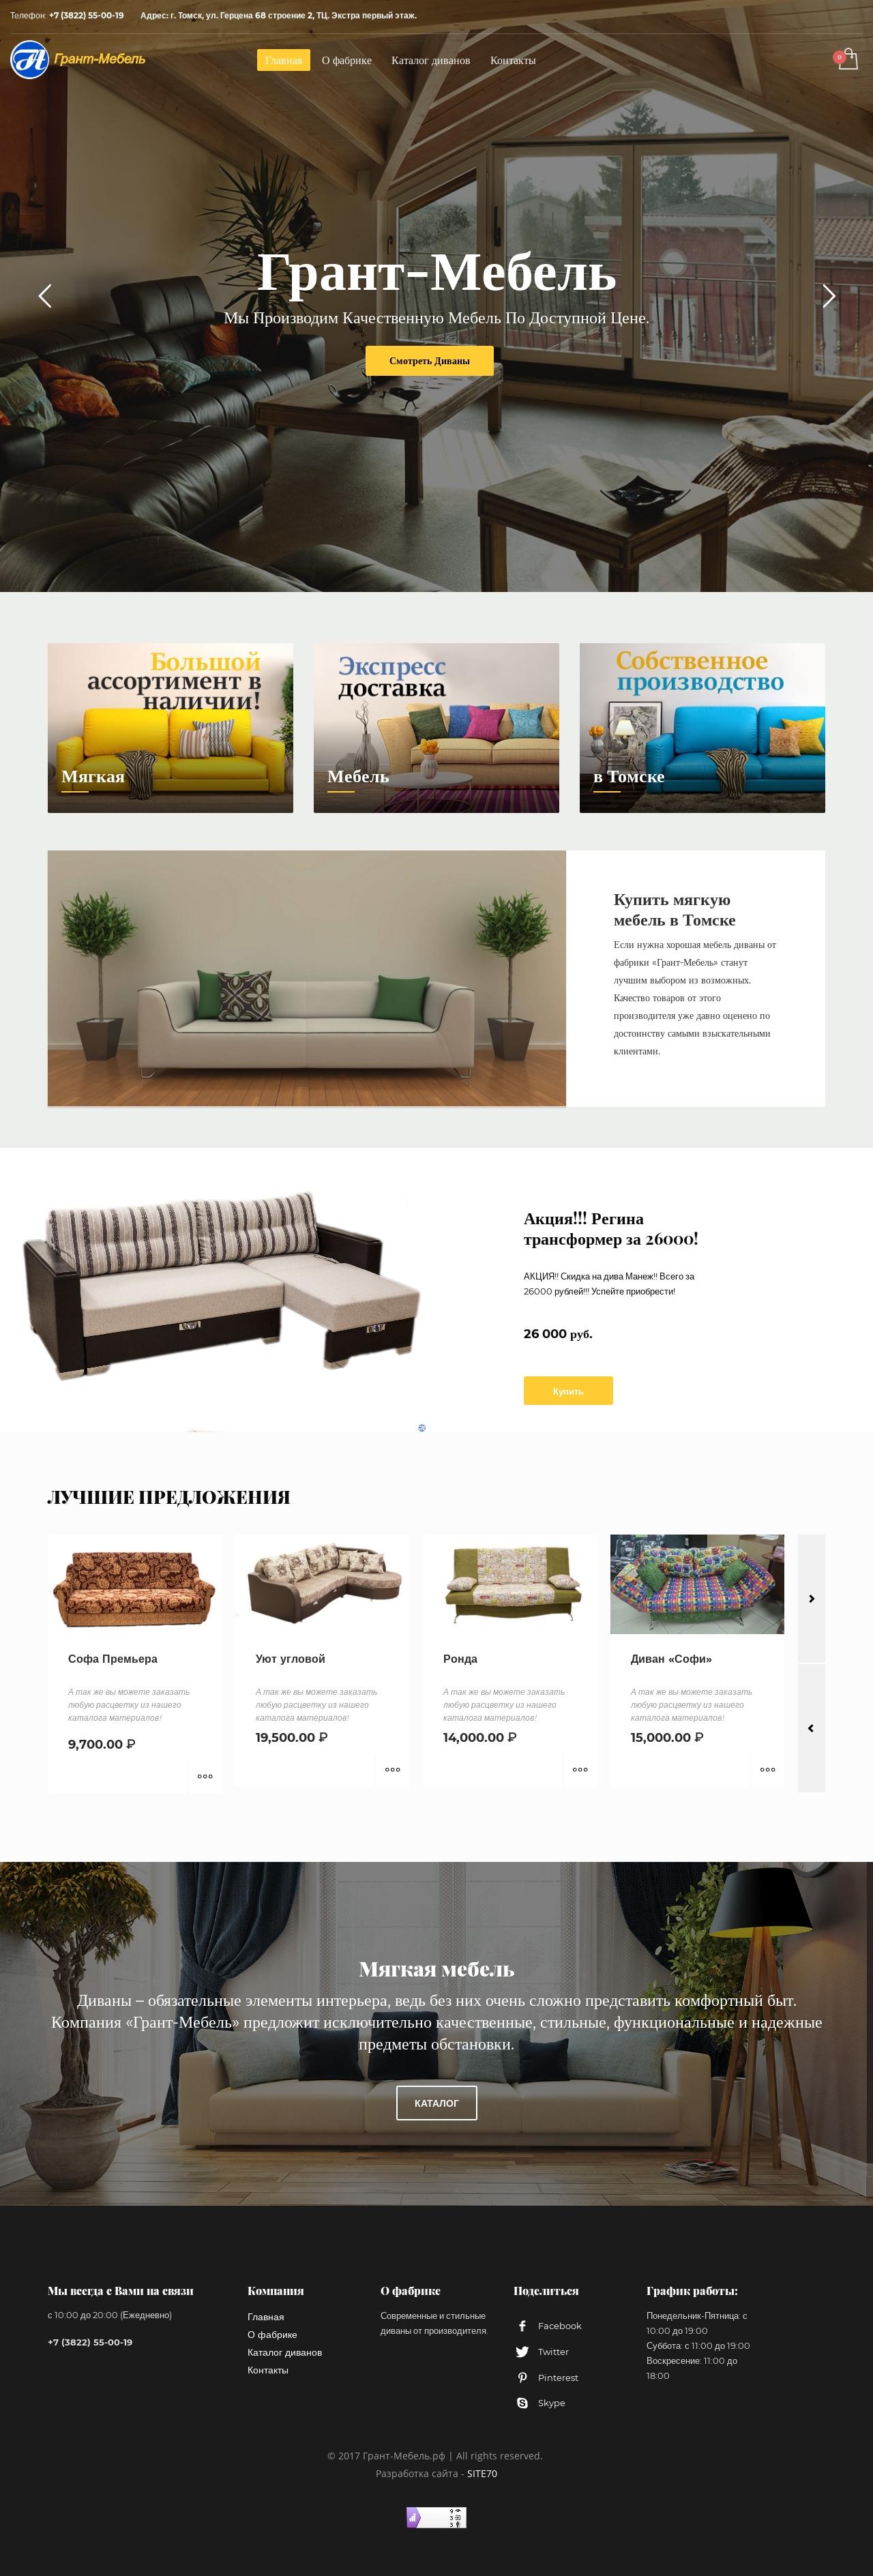 грант-мебель